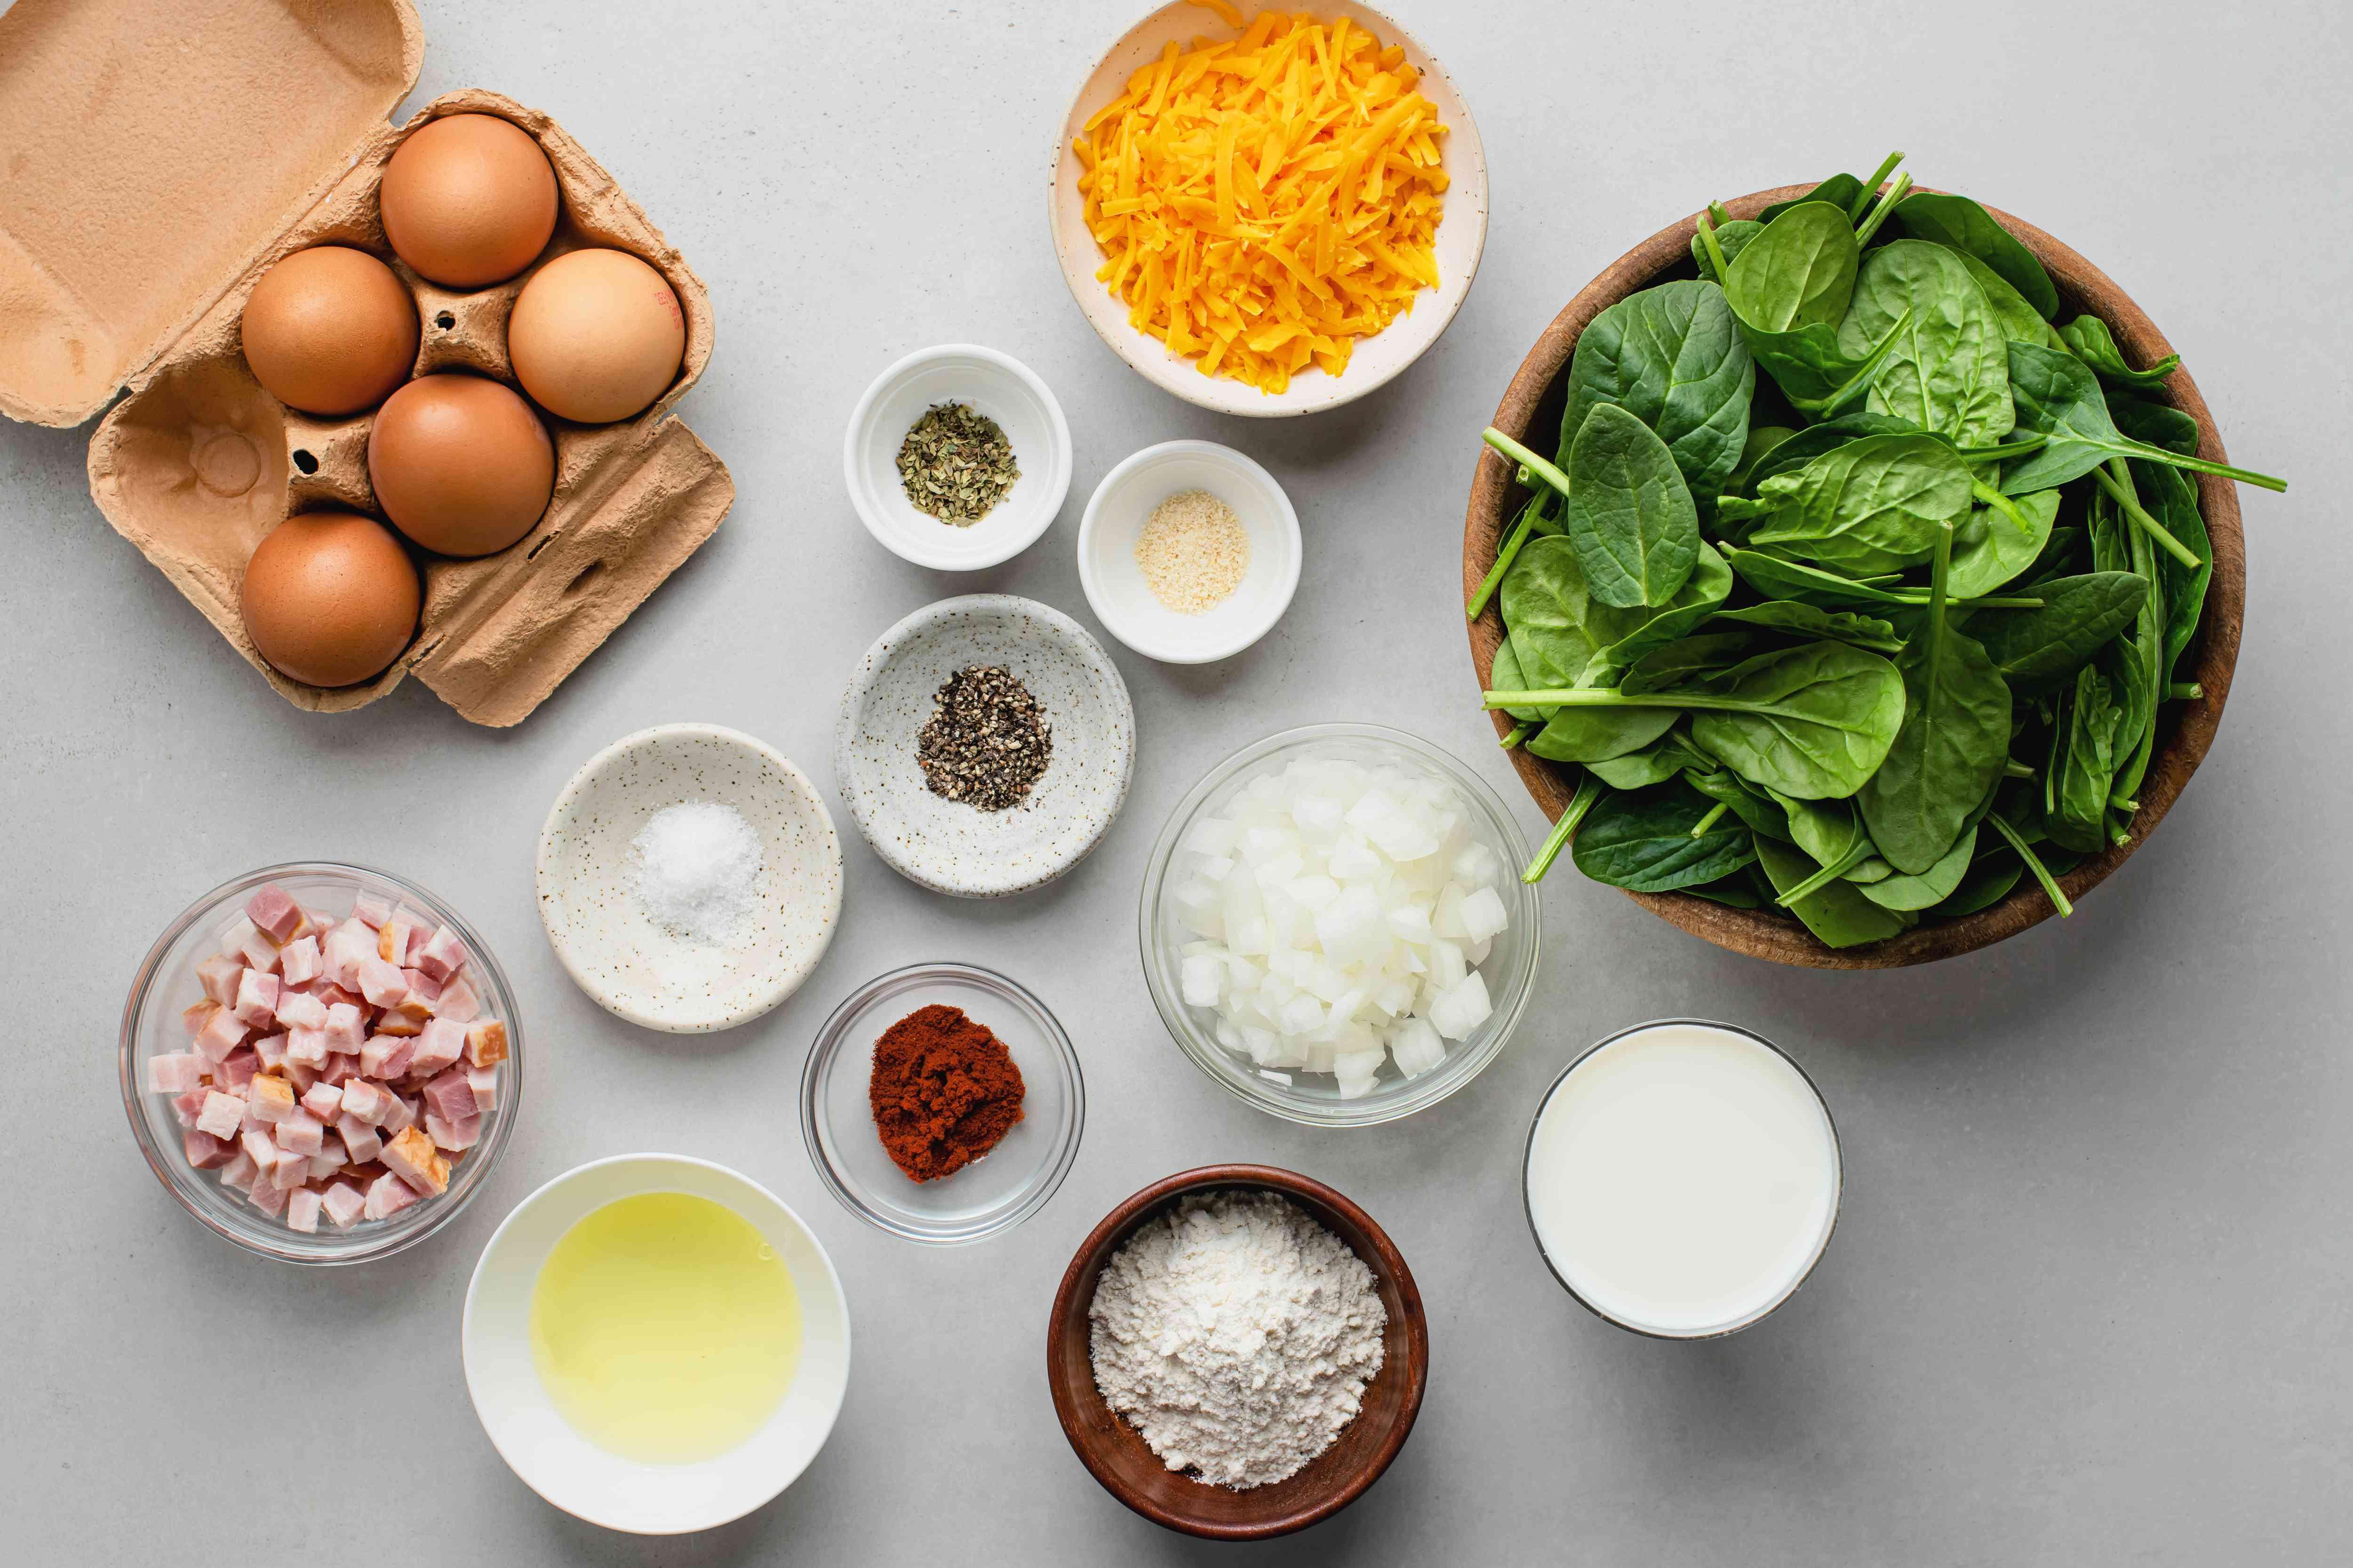 Crustless Spinach Quiche Recipe ingredients